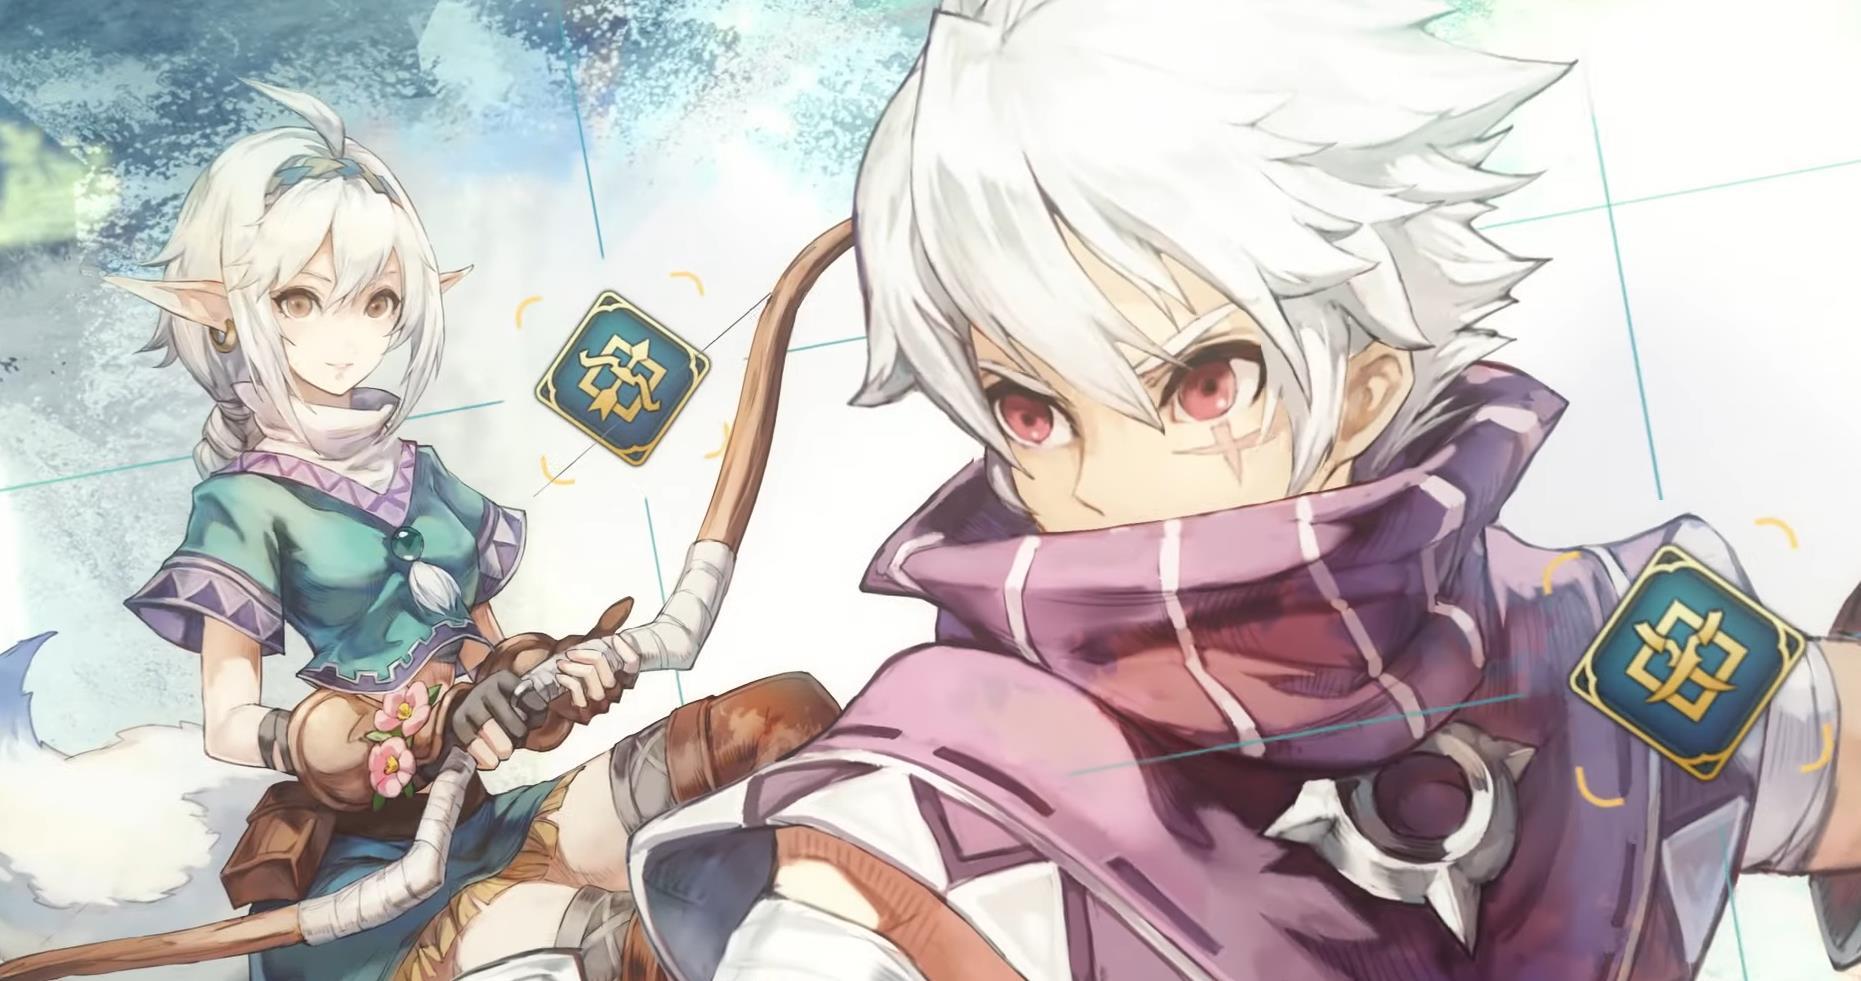 日本國民級線上RPG手遊《伊蘇6~納比斯汀的方舟~》開啟預約